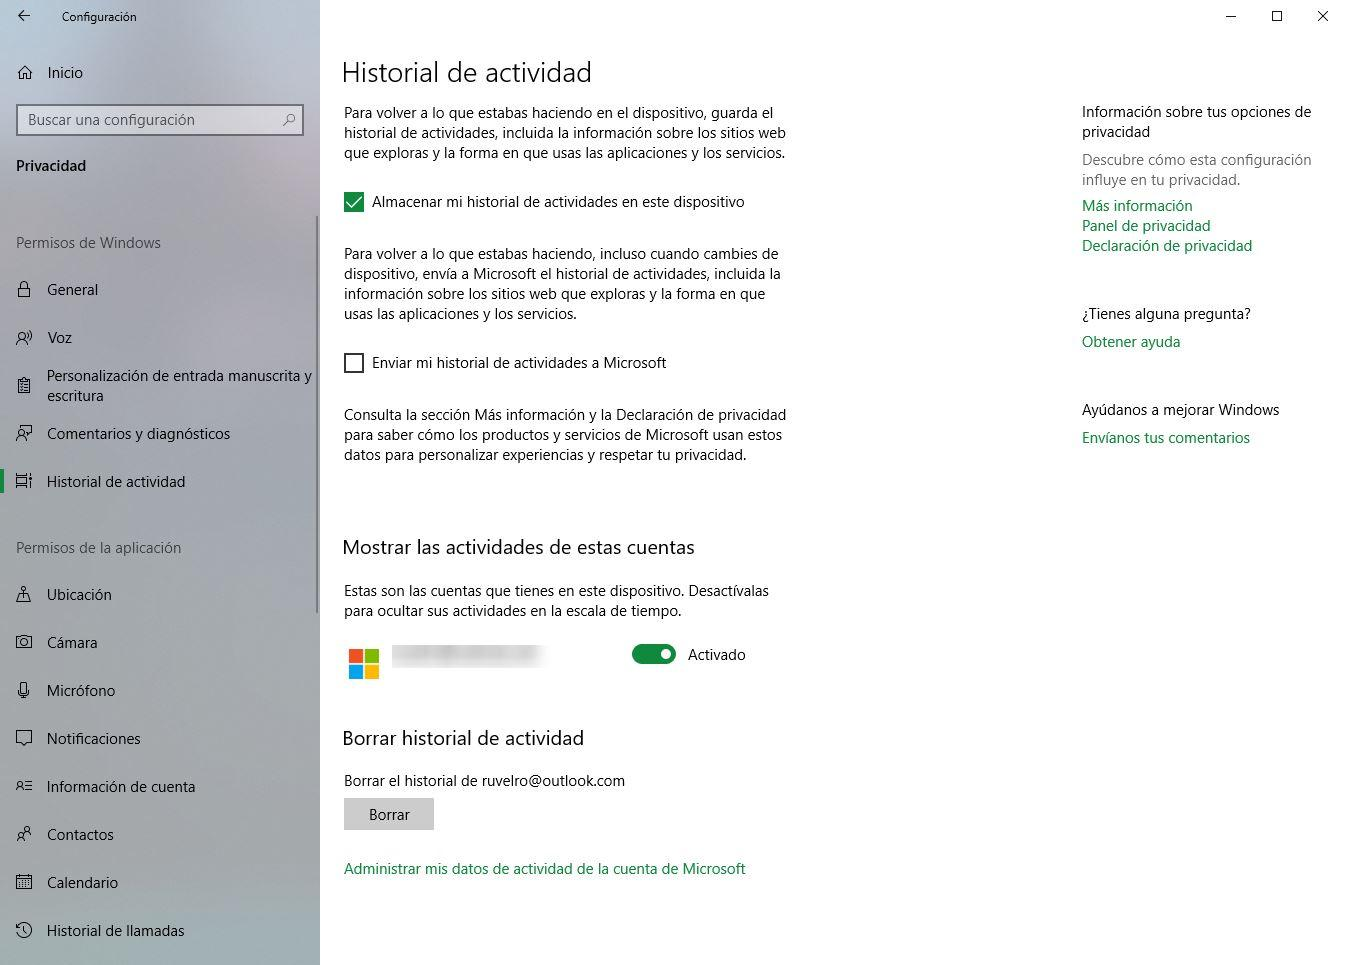 Desactivar compartir historial actividad windows 10